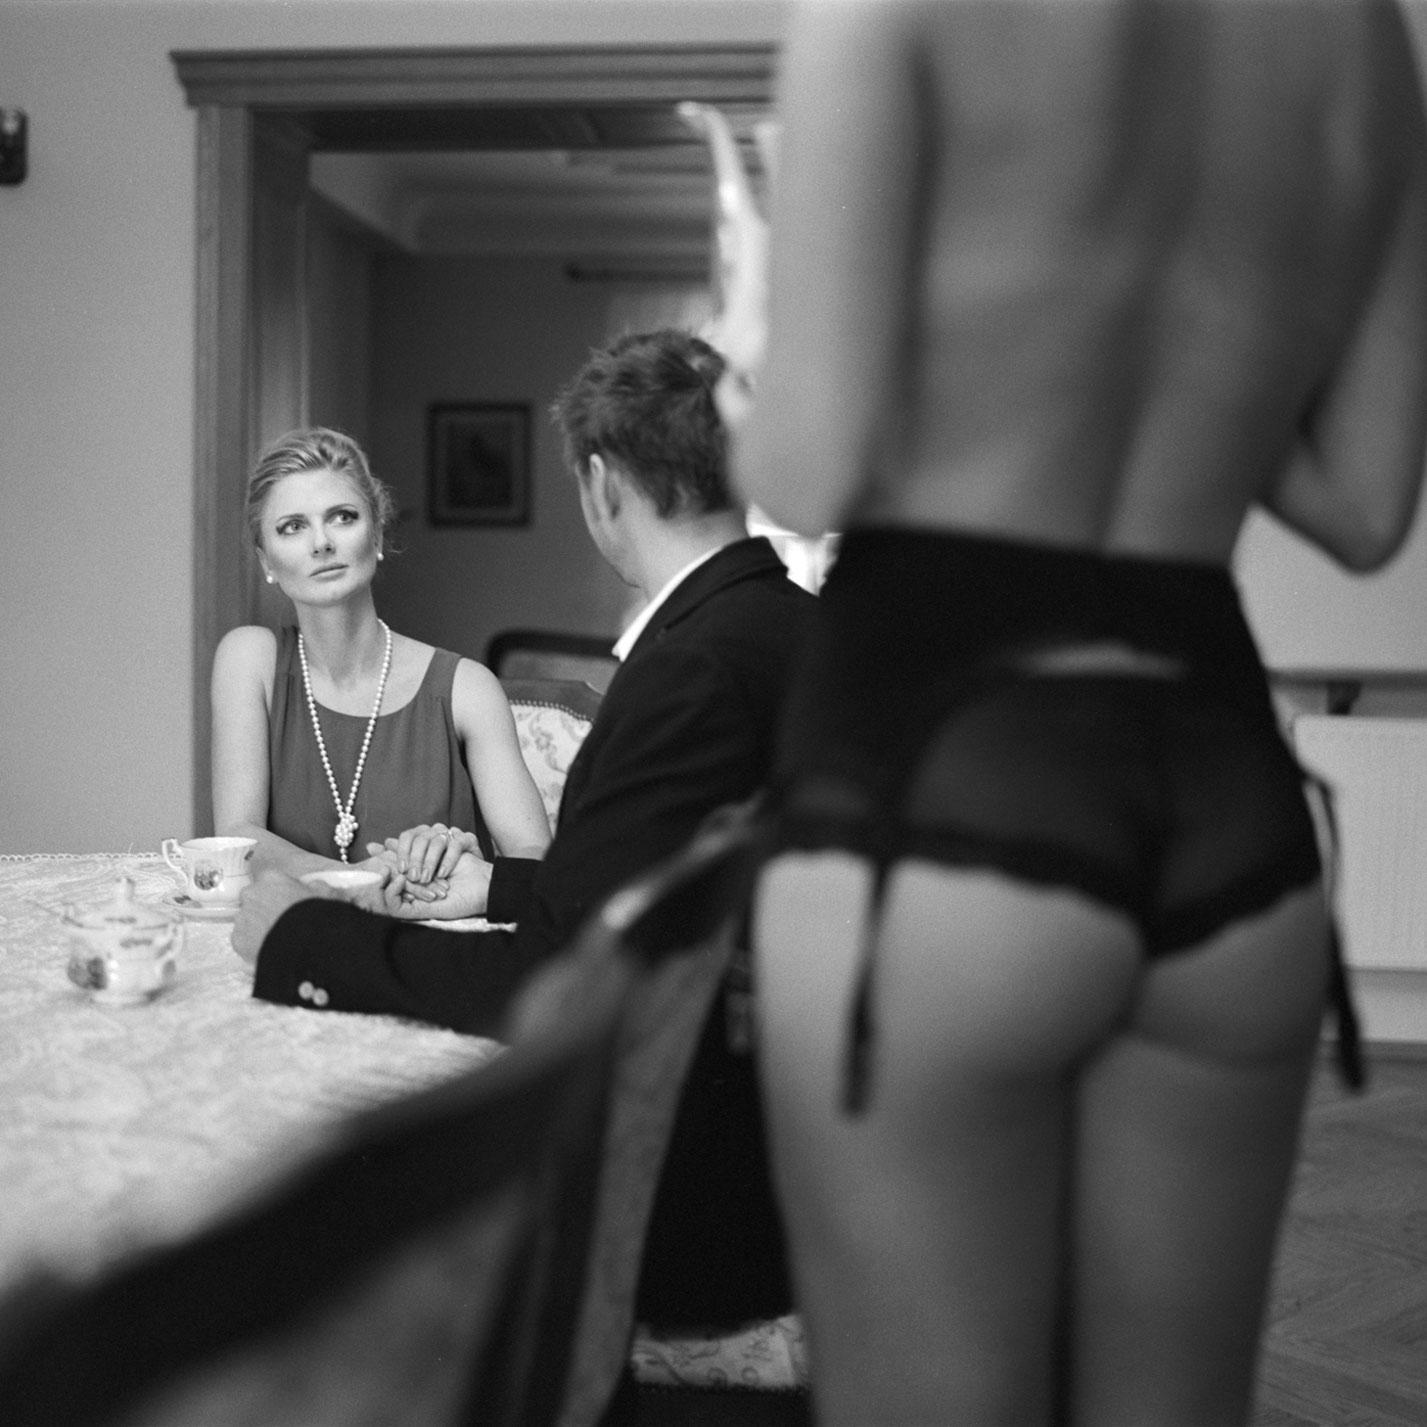 Эротичная служанка в благопристойном семействе / Maid - Magdalena, Agnieszka and Radoslaw by Norbert Sokolowski